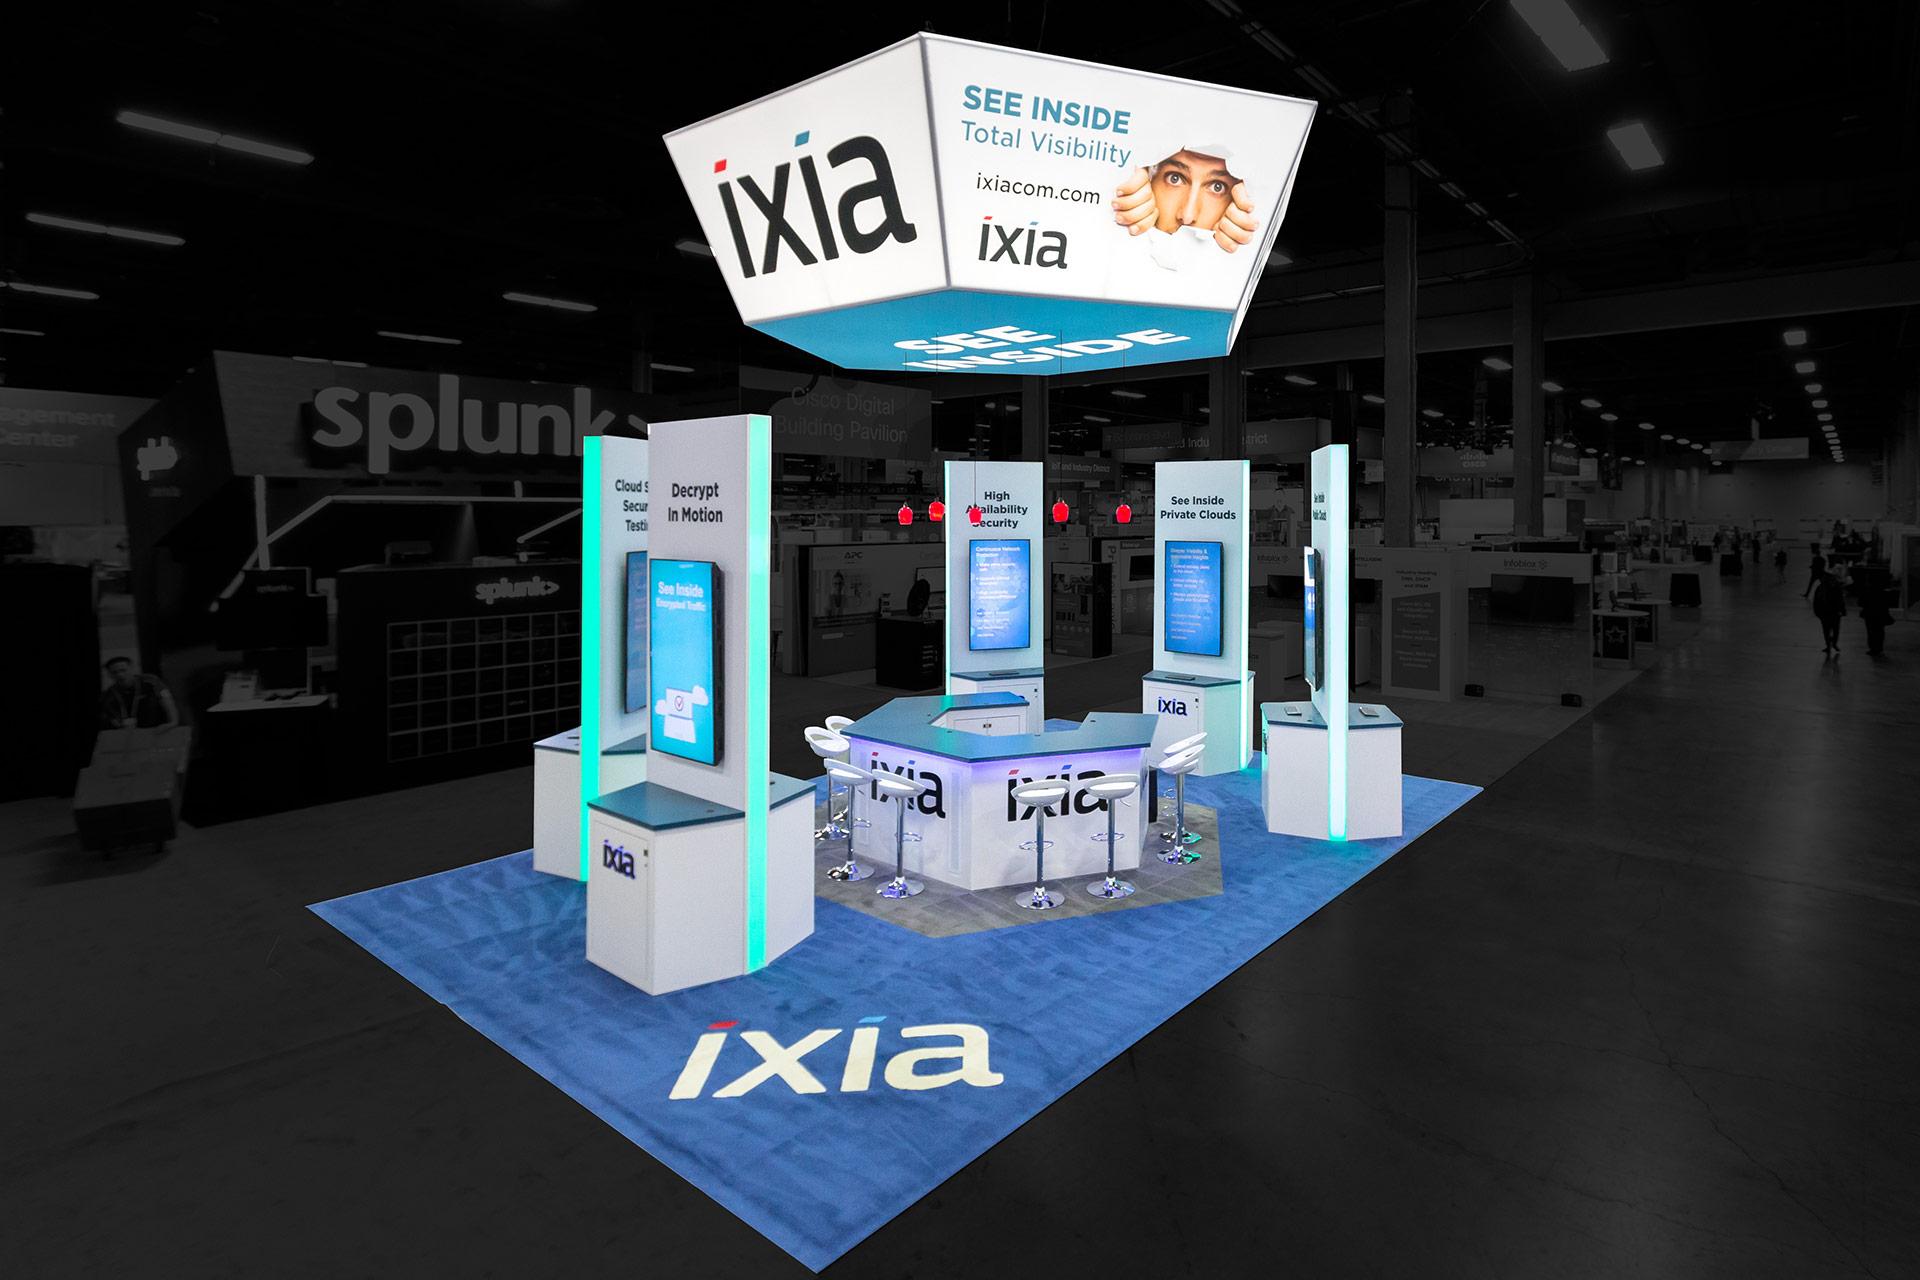 CiscoLive 2017 Ixia Exhibit